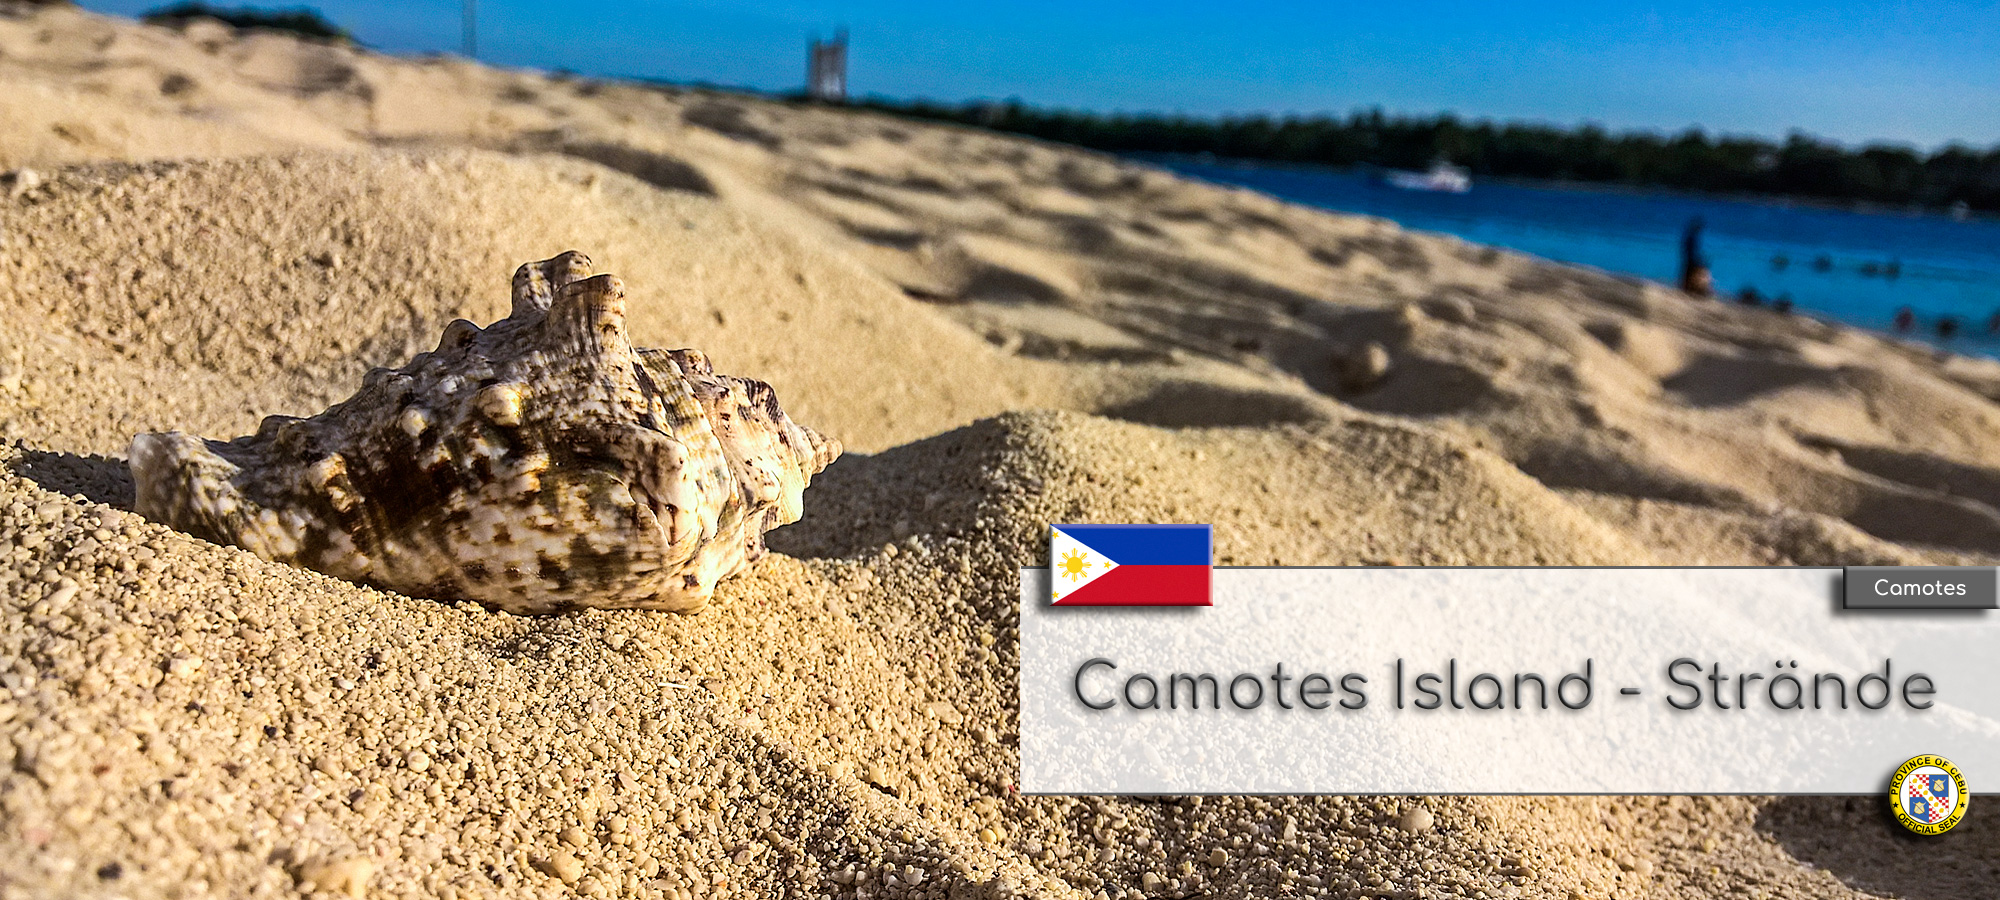 Der Strand von Tulang Island in der Sonnenuntergangsstimmung. Im Vordergrund ist eine schoene Muschel die auf dem Sand liegt zu sehen. Im Hintergrund sieht man Palmen und das Meer. Im Textfeld steht geschrieben: Camotes Island Straende. Wappen der Philippinen und der Provinz Cebu.